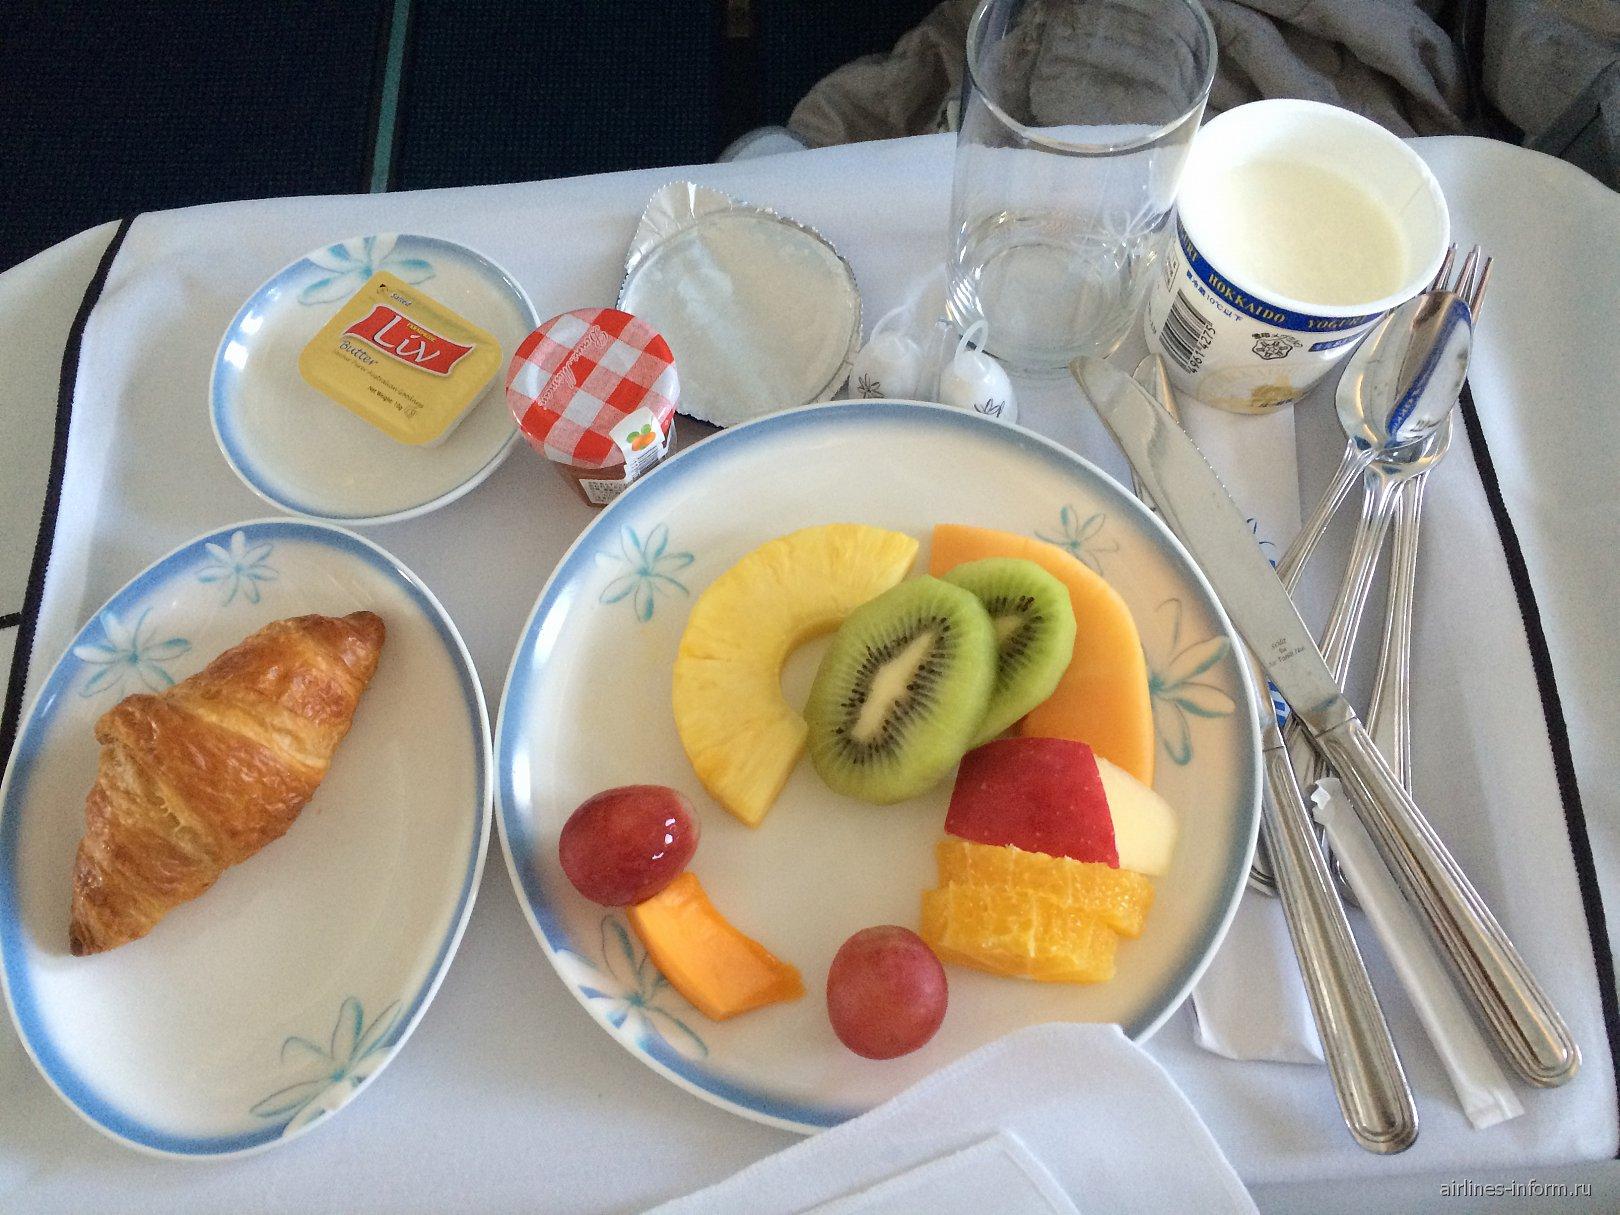 Круасан и фрукты в составе завтрака в бизнес-классе авиакомпании Air Tahiti Nui на рейсе Токио-Папеэте